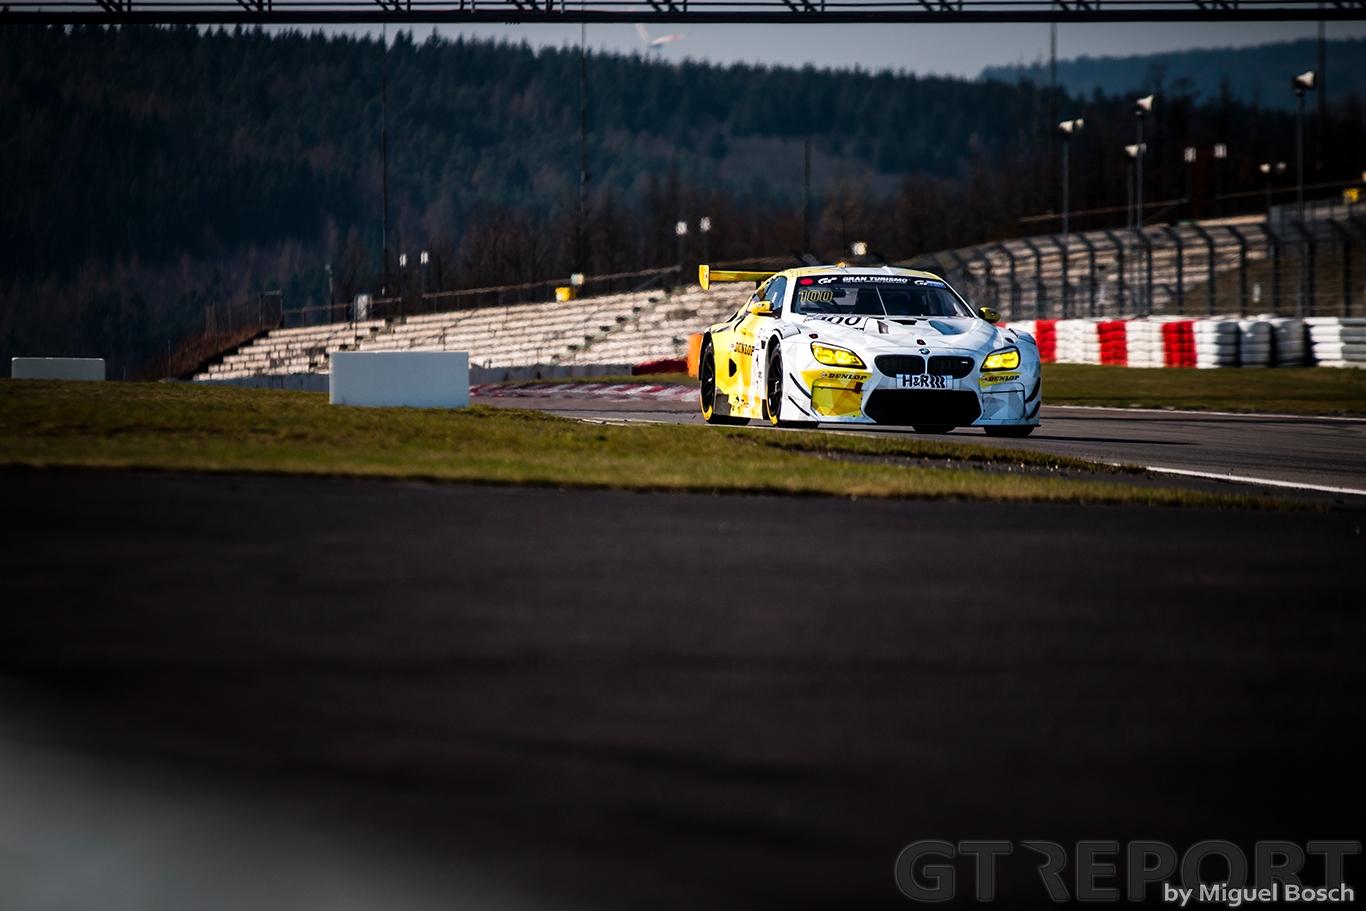 2017 VLN01 Christian Krognes 02 Miguel Bosch GT REPORT